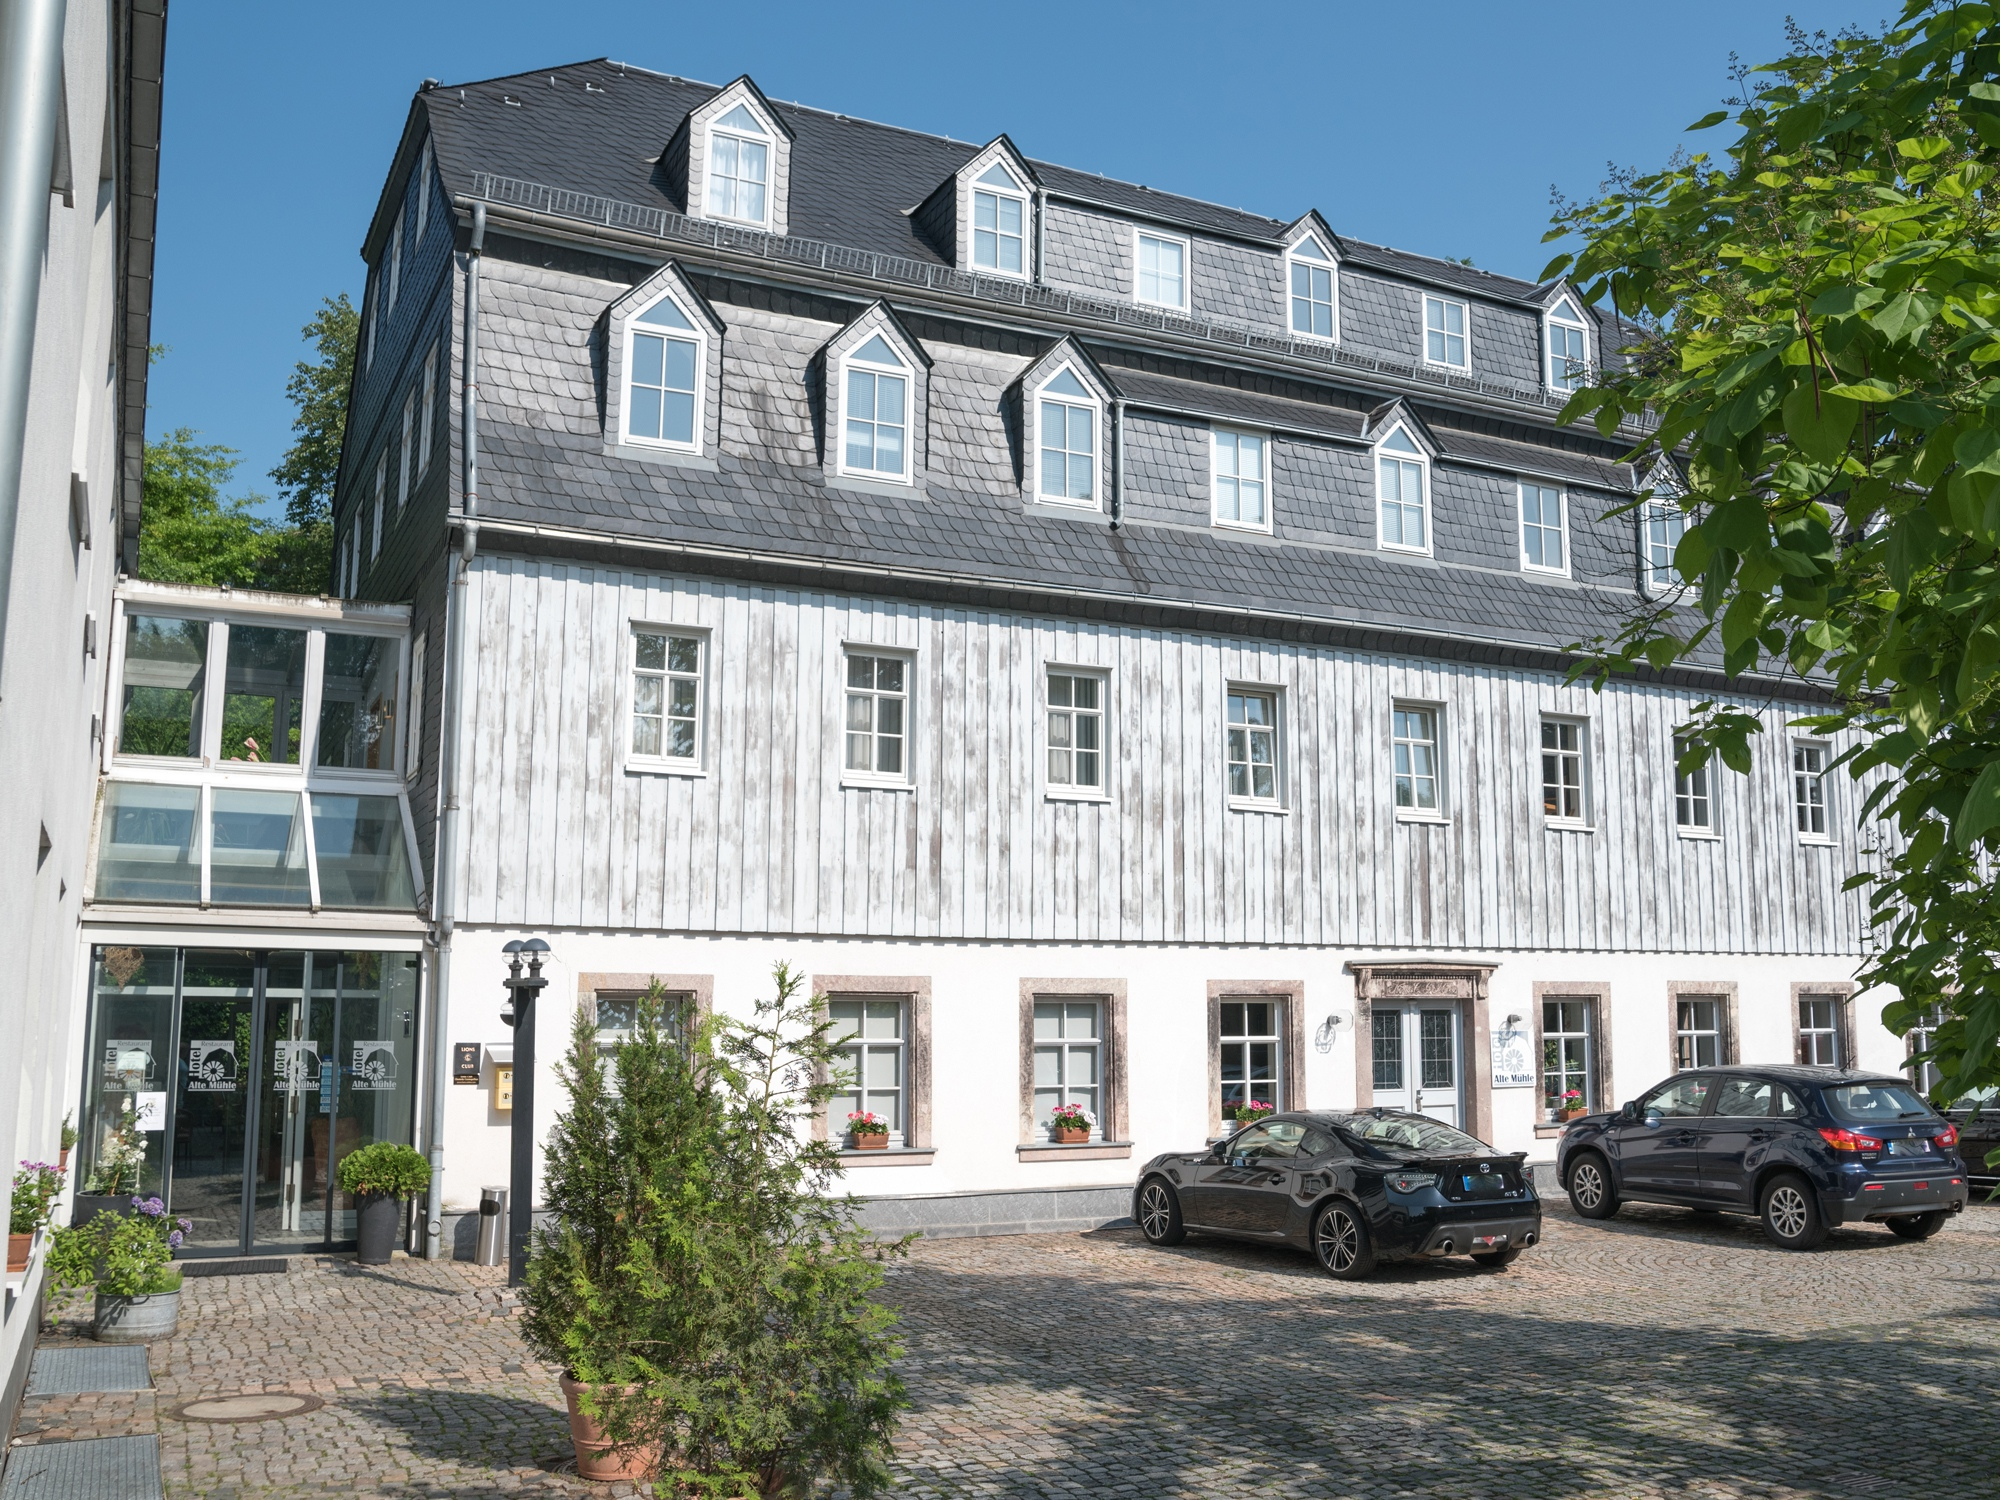 C Chemnitzer Veranstaltungszentren Veranstaltungsplanung In Den